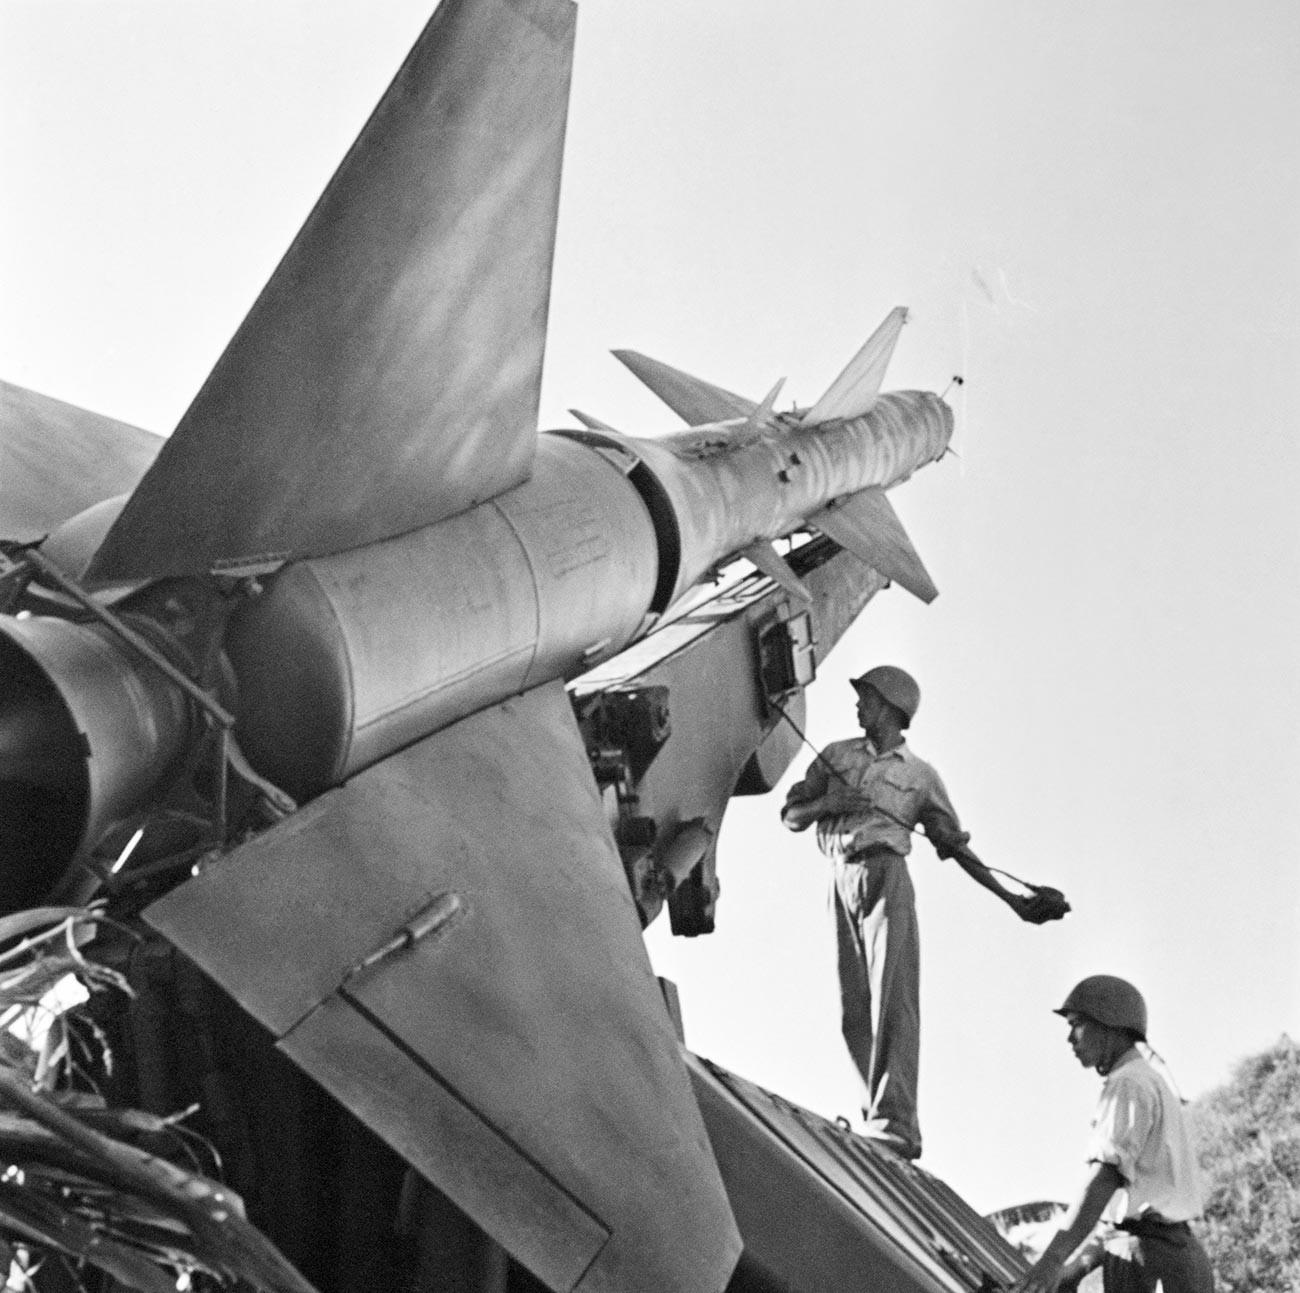 ミサイルの側に立っているベトナム人民軍の兵士